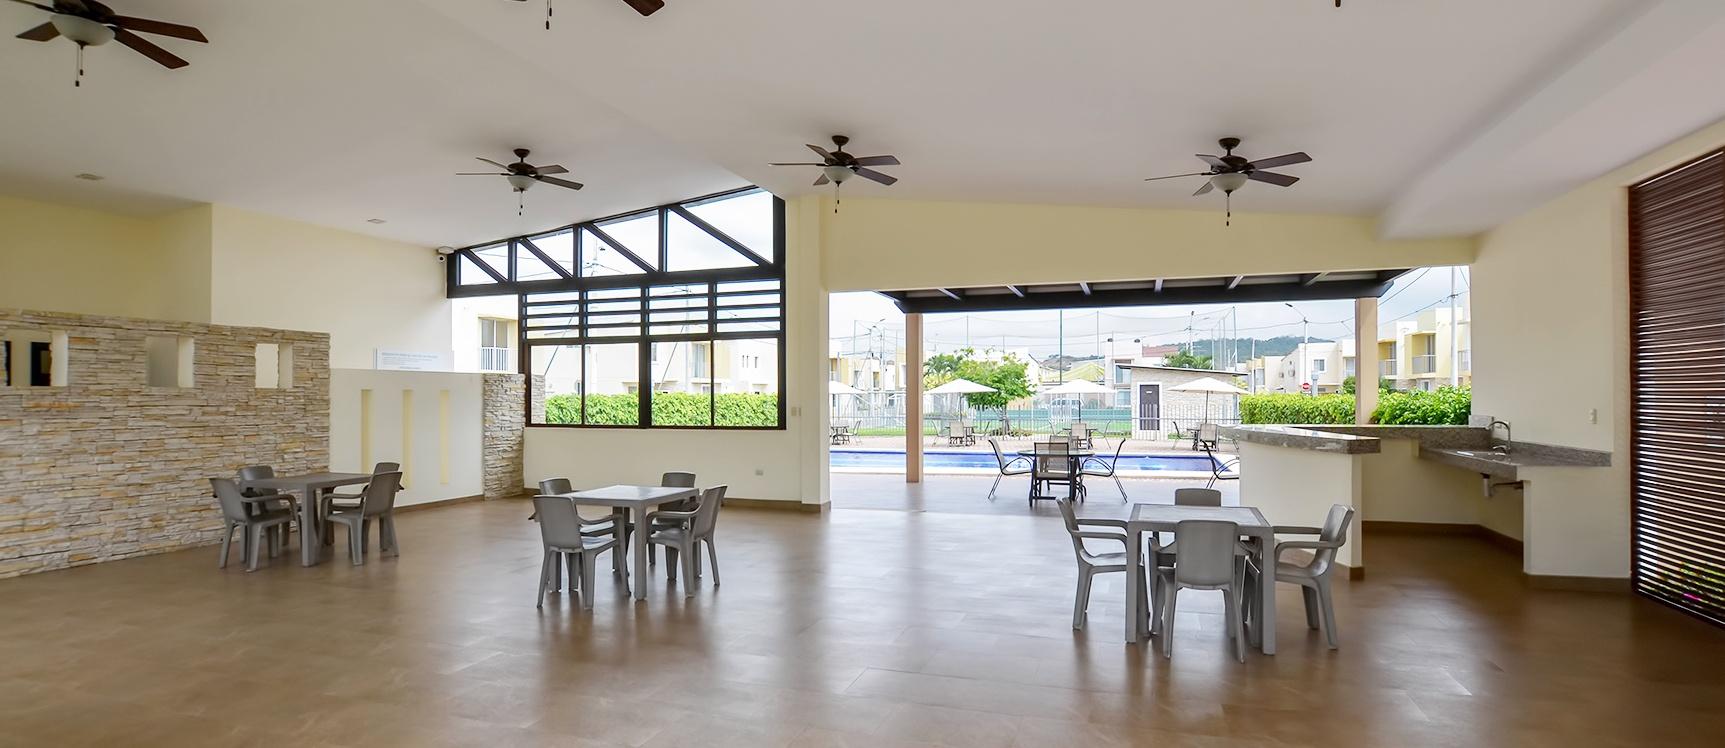 GeoBienes - Casa en alquiler en urbanización Arboletta sector Vía a Daule - Plusvalia Guayaquil Casas de venta y alquiler Inmobiliaria Ecuador